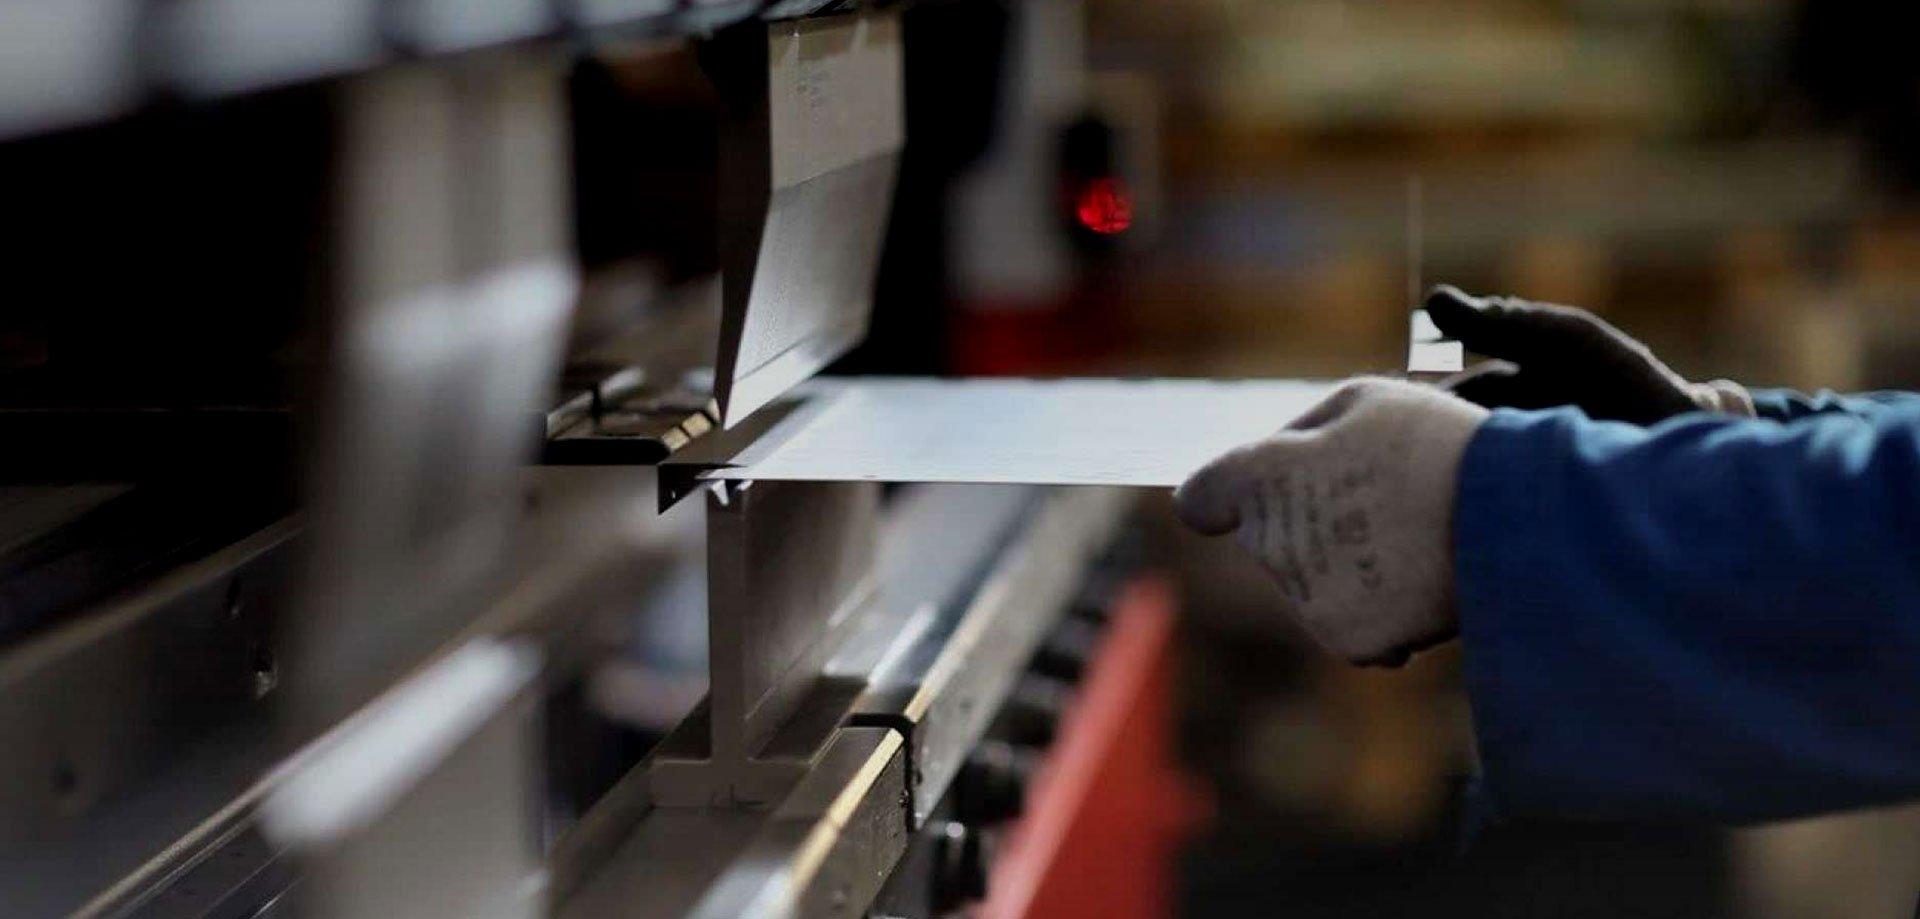 Metal Shearing & Bending Services